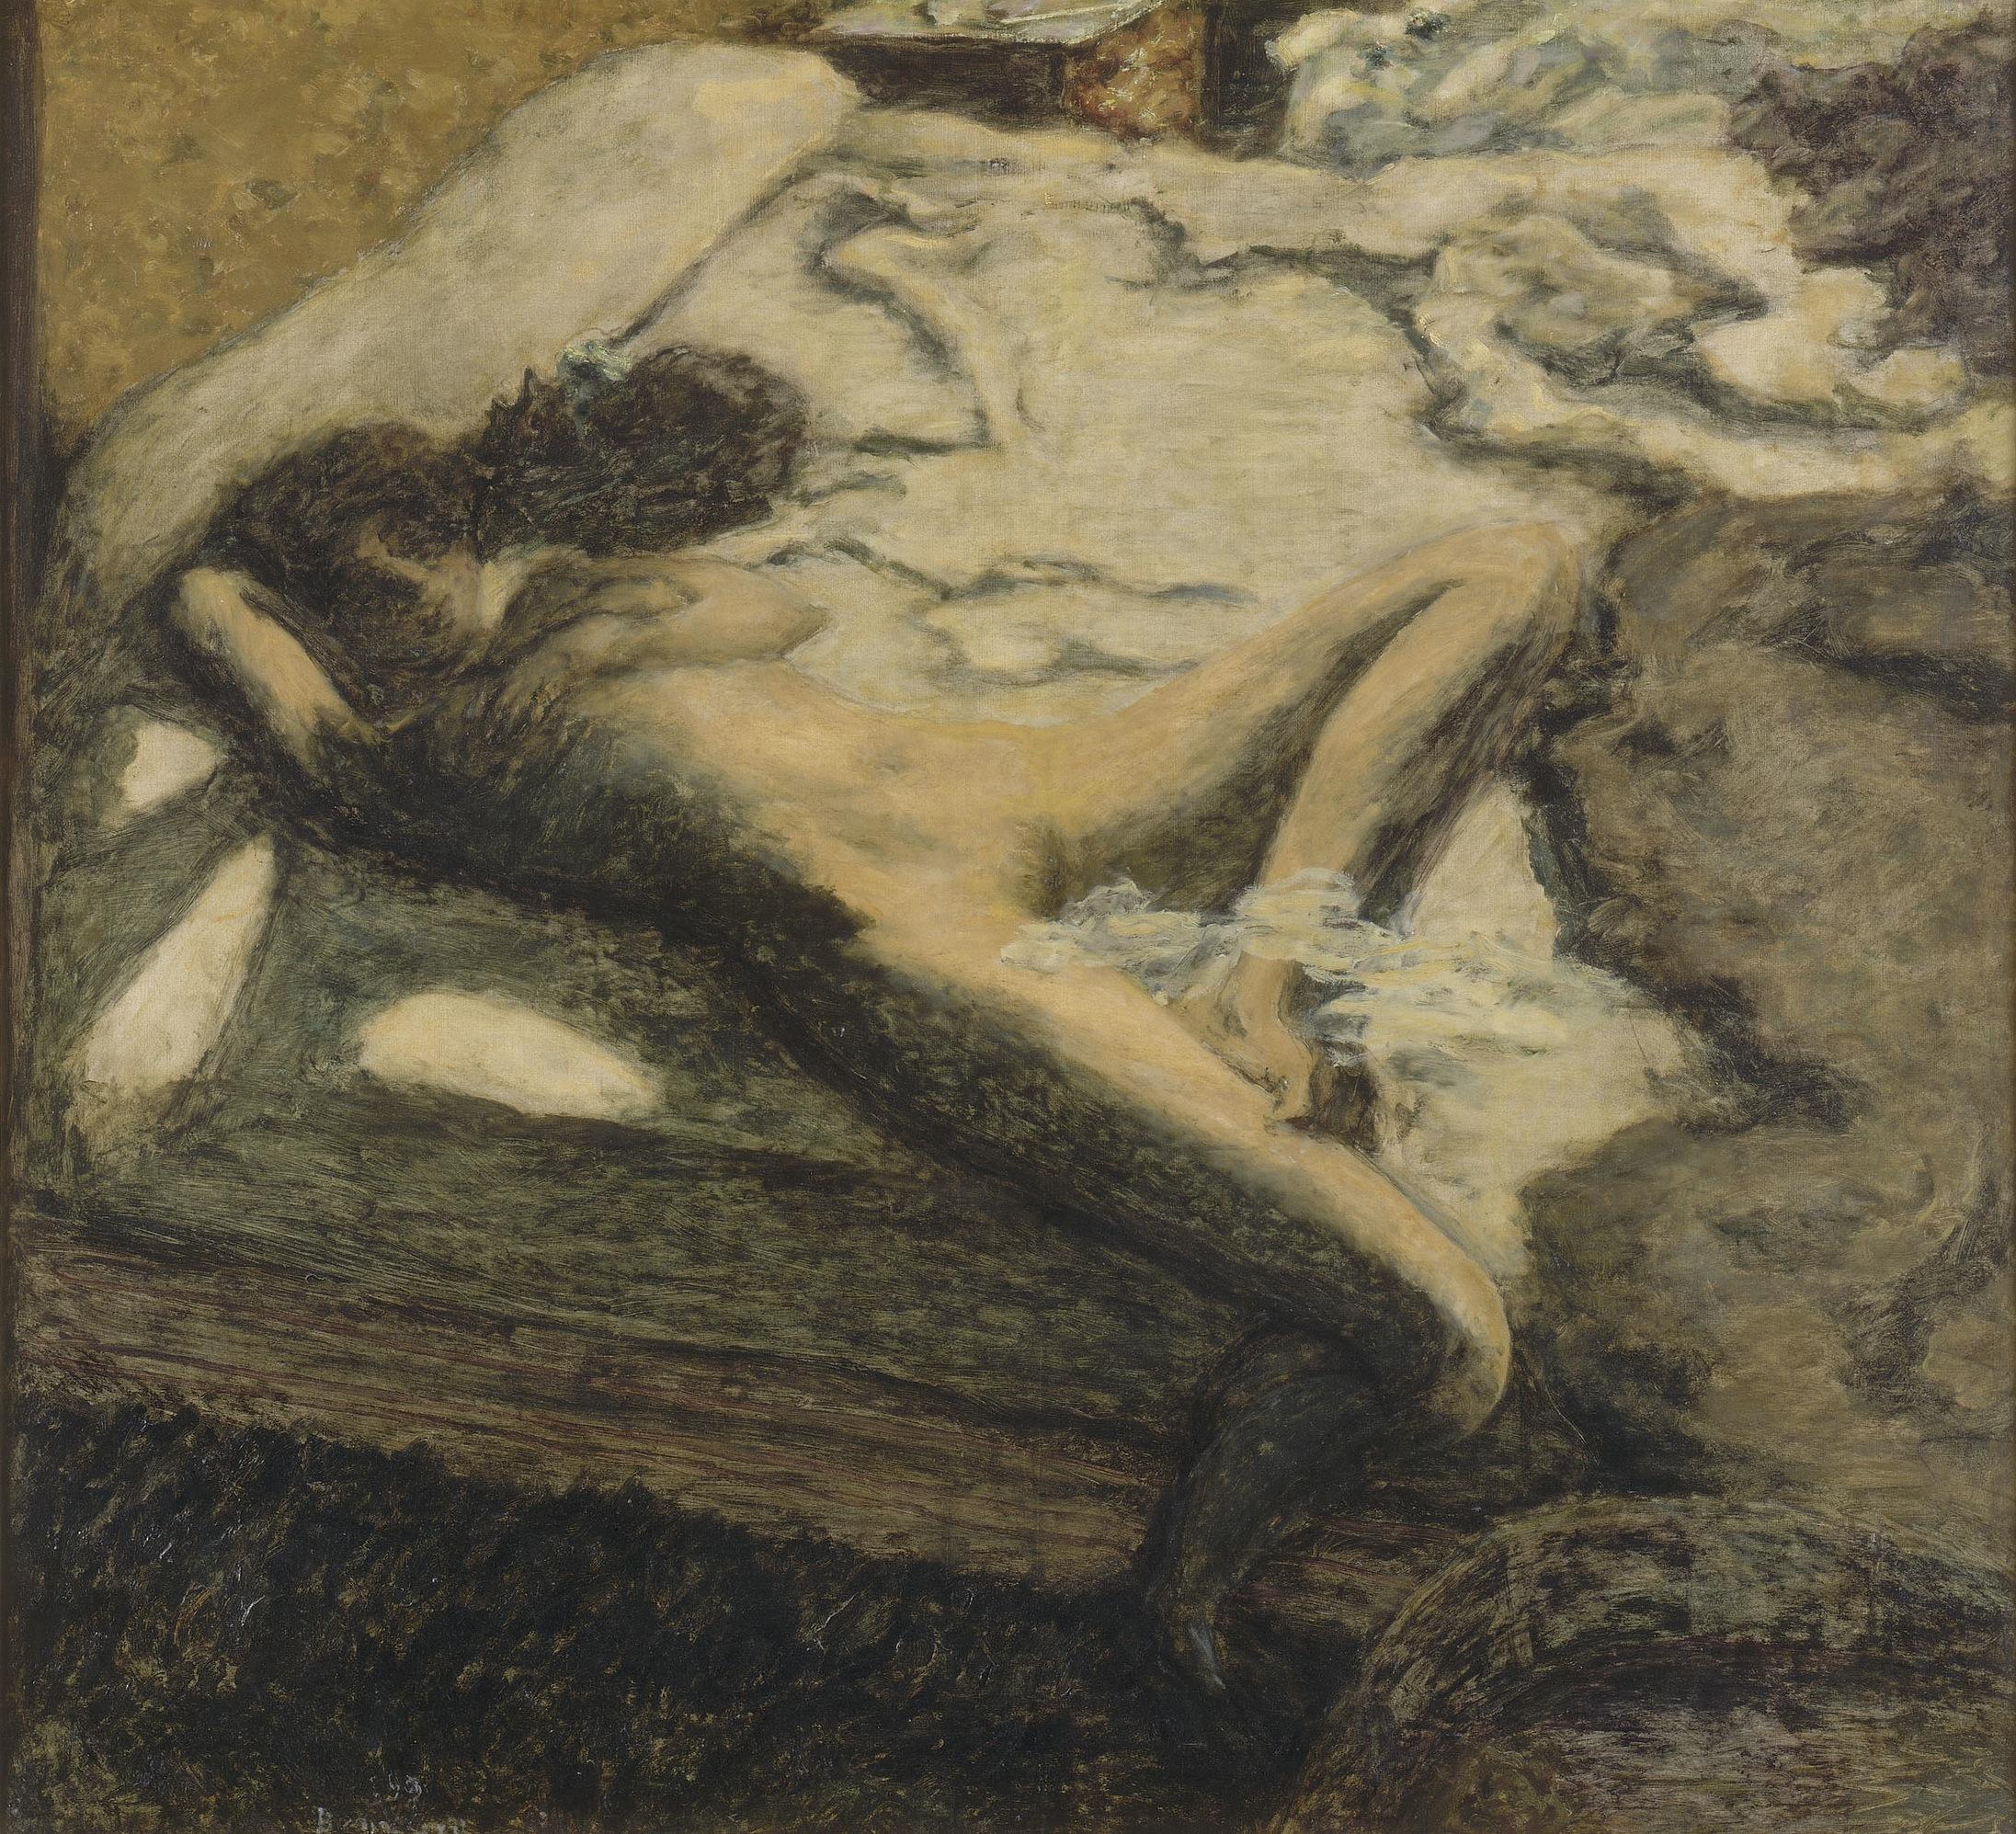 (Pierre Bonnard, 'Femme assoupie sur un lit', dit aussi 'L'Indolente', 1899 / © RMN-Grand Palais (Musée d'Orsay) / Thierry Le Mage / © ADAGP, Paris 2015)